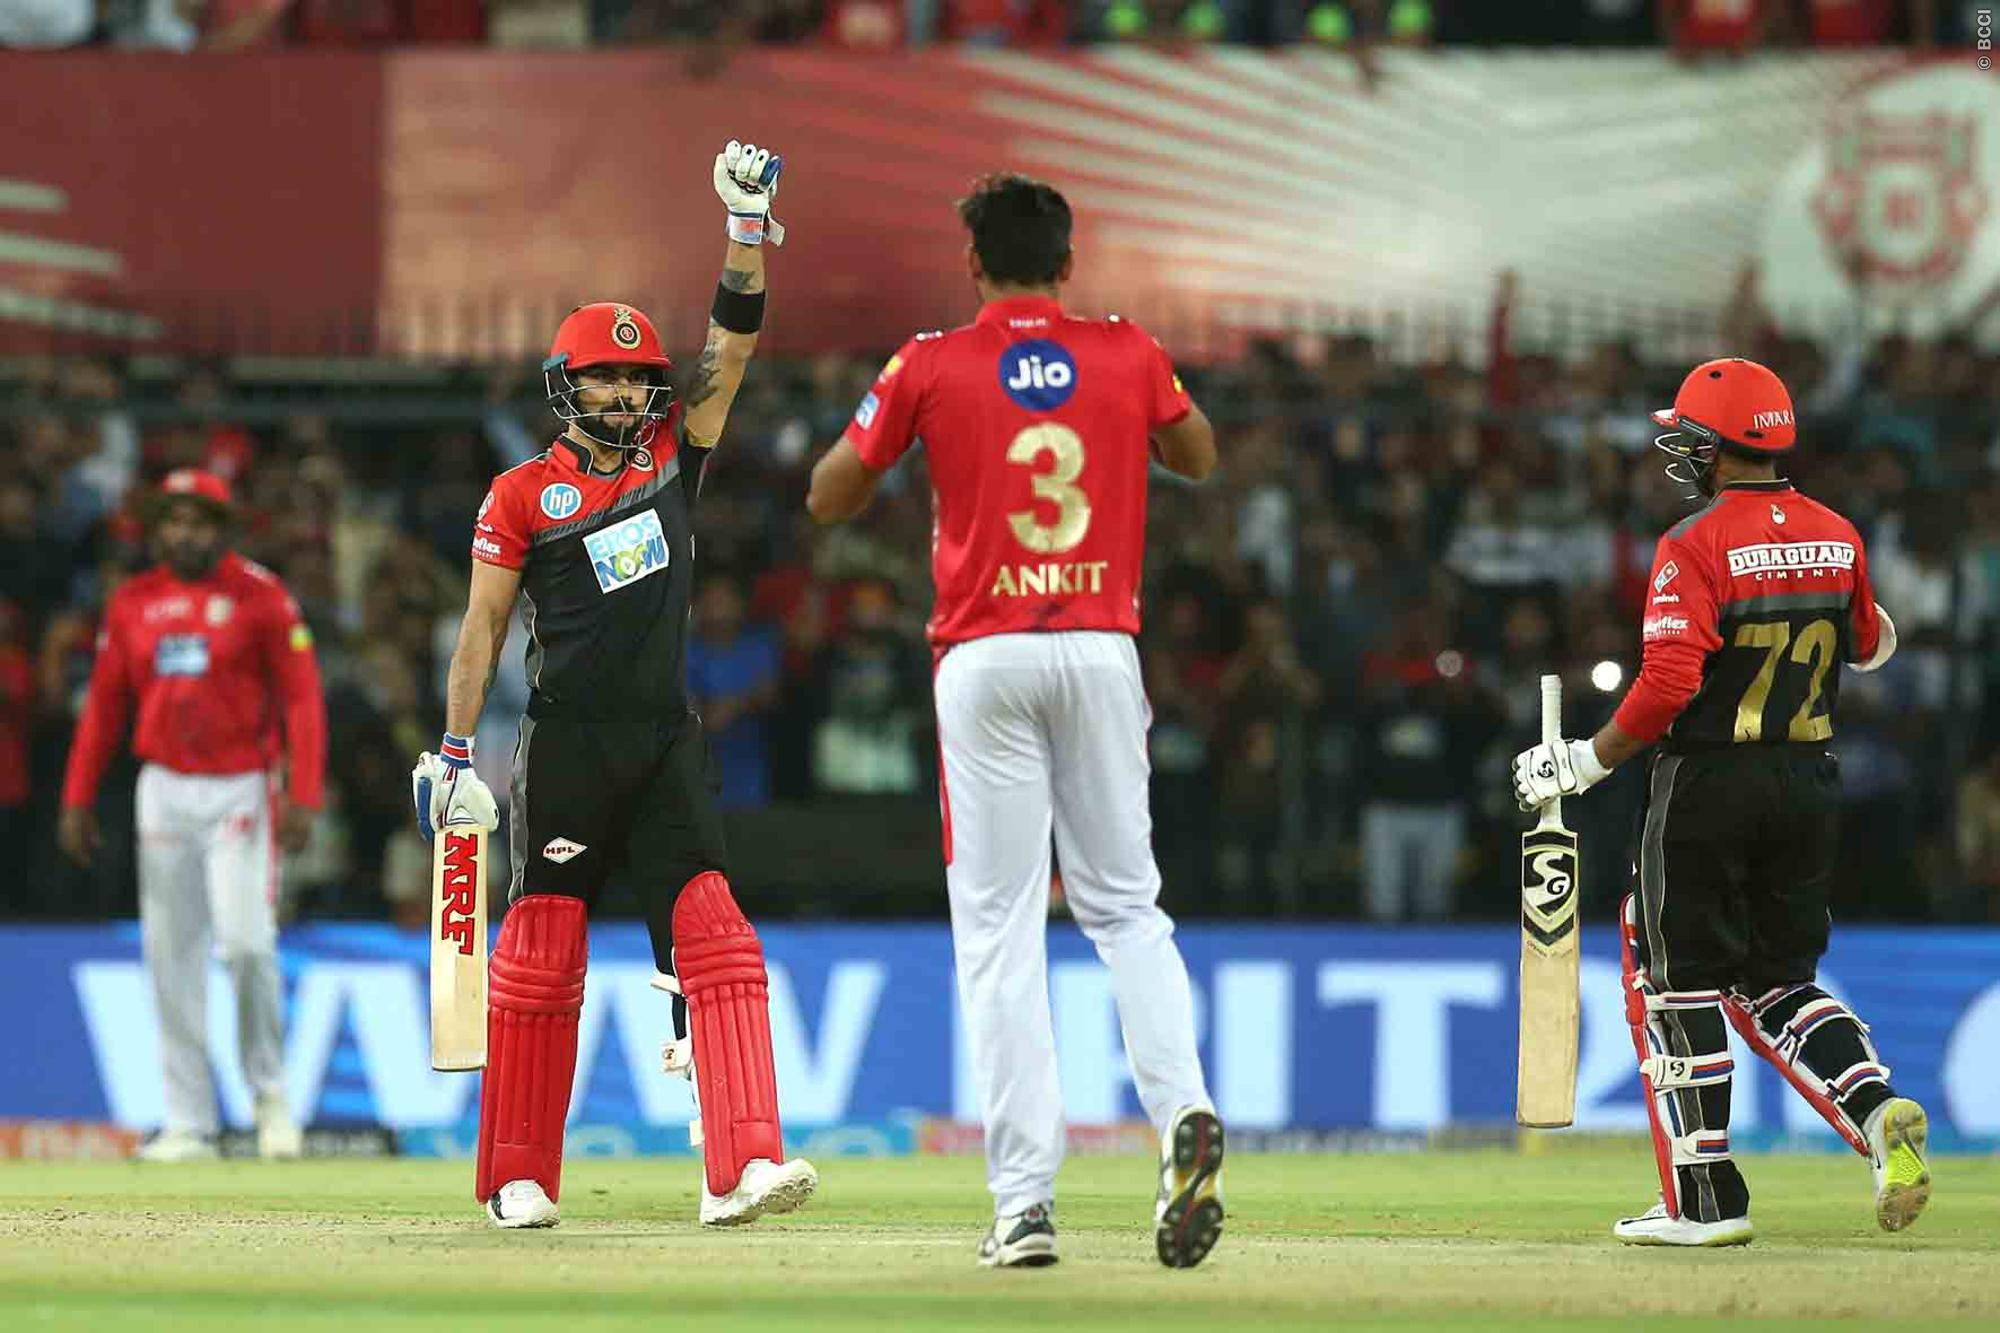 राहुल और गेल पर जरूरत से ज्यादा निर्भरता के अलावा इन 5 कारणों से हारी किंग्स XI पंजाब 1